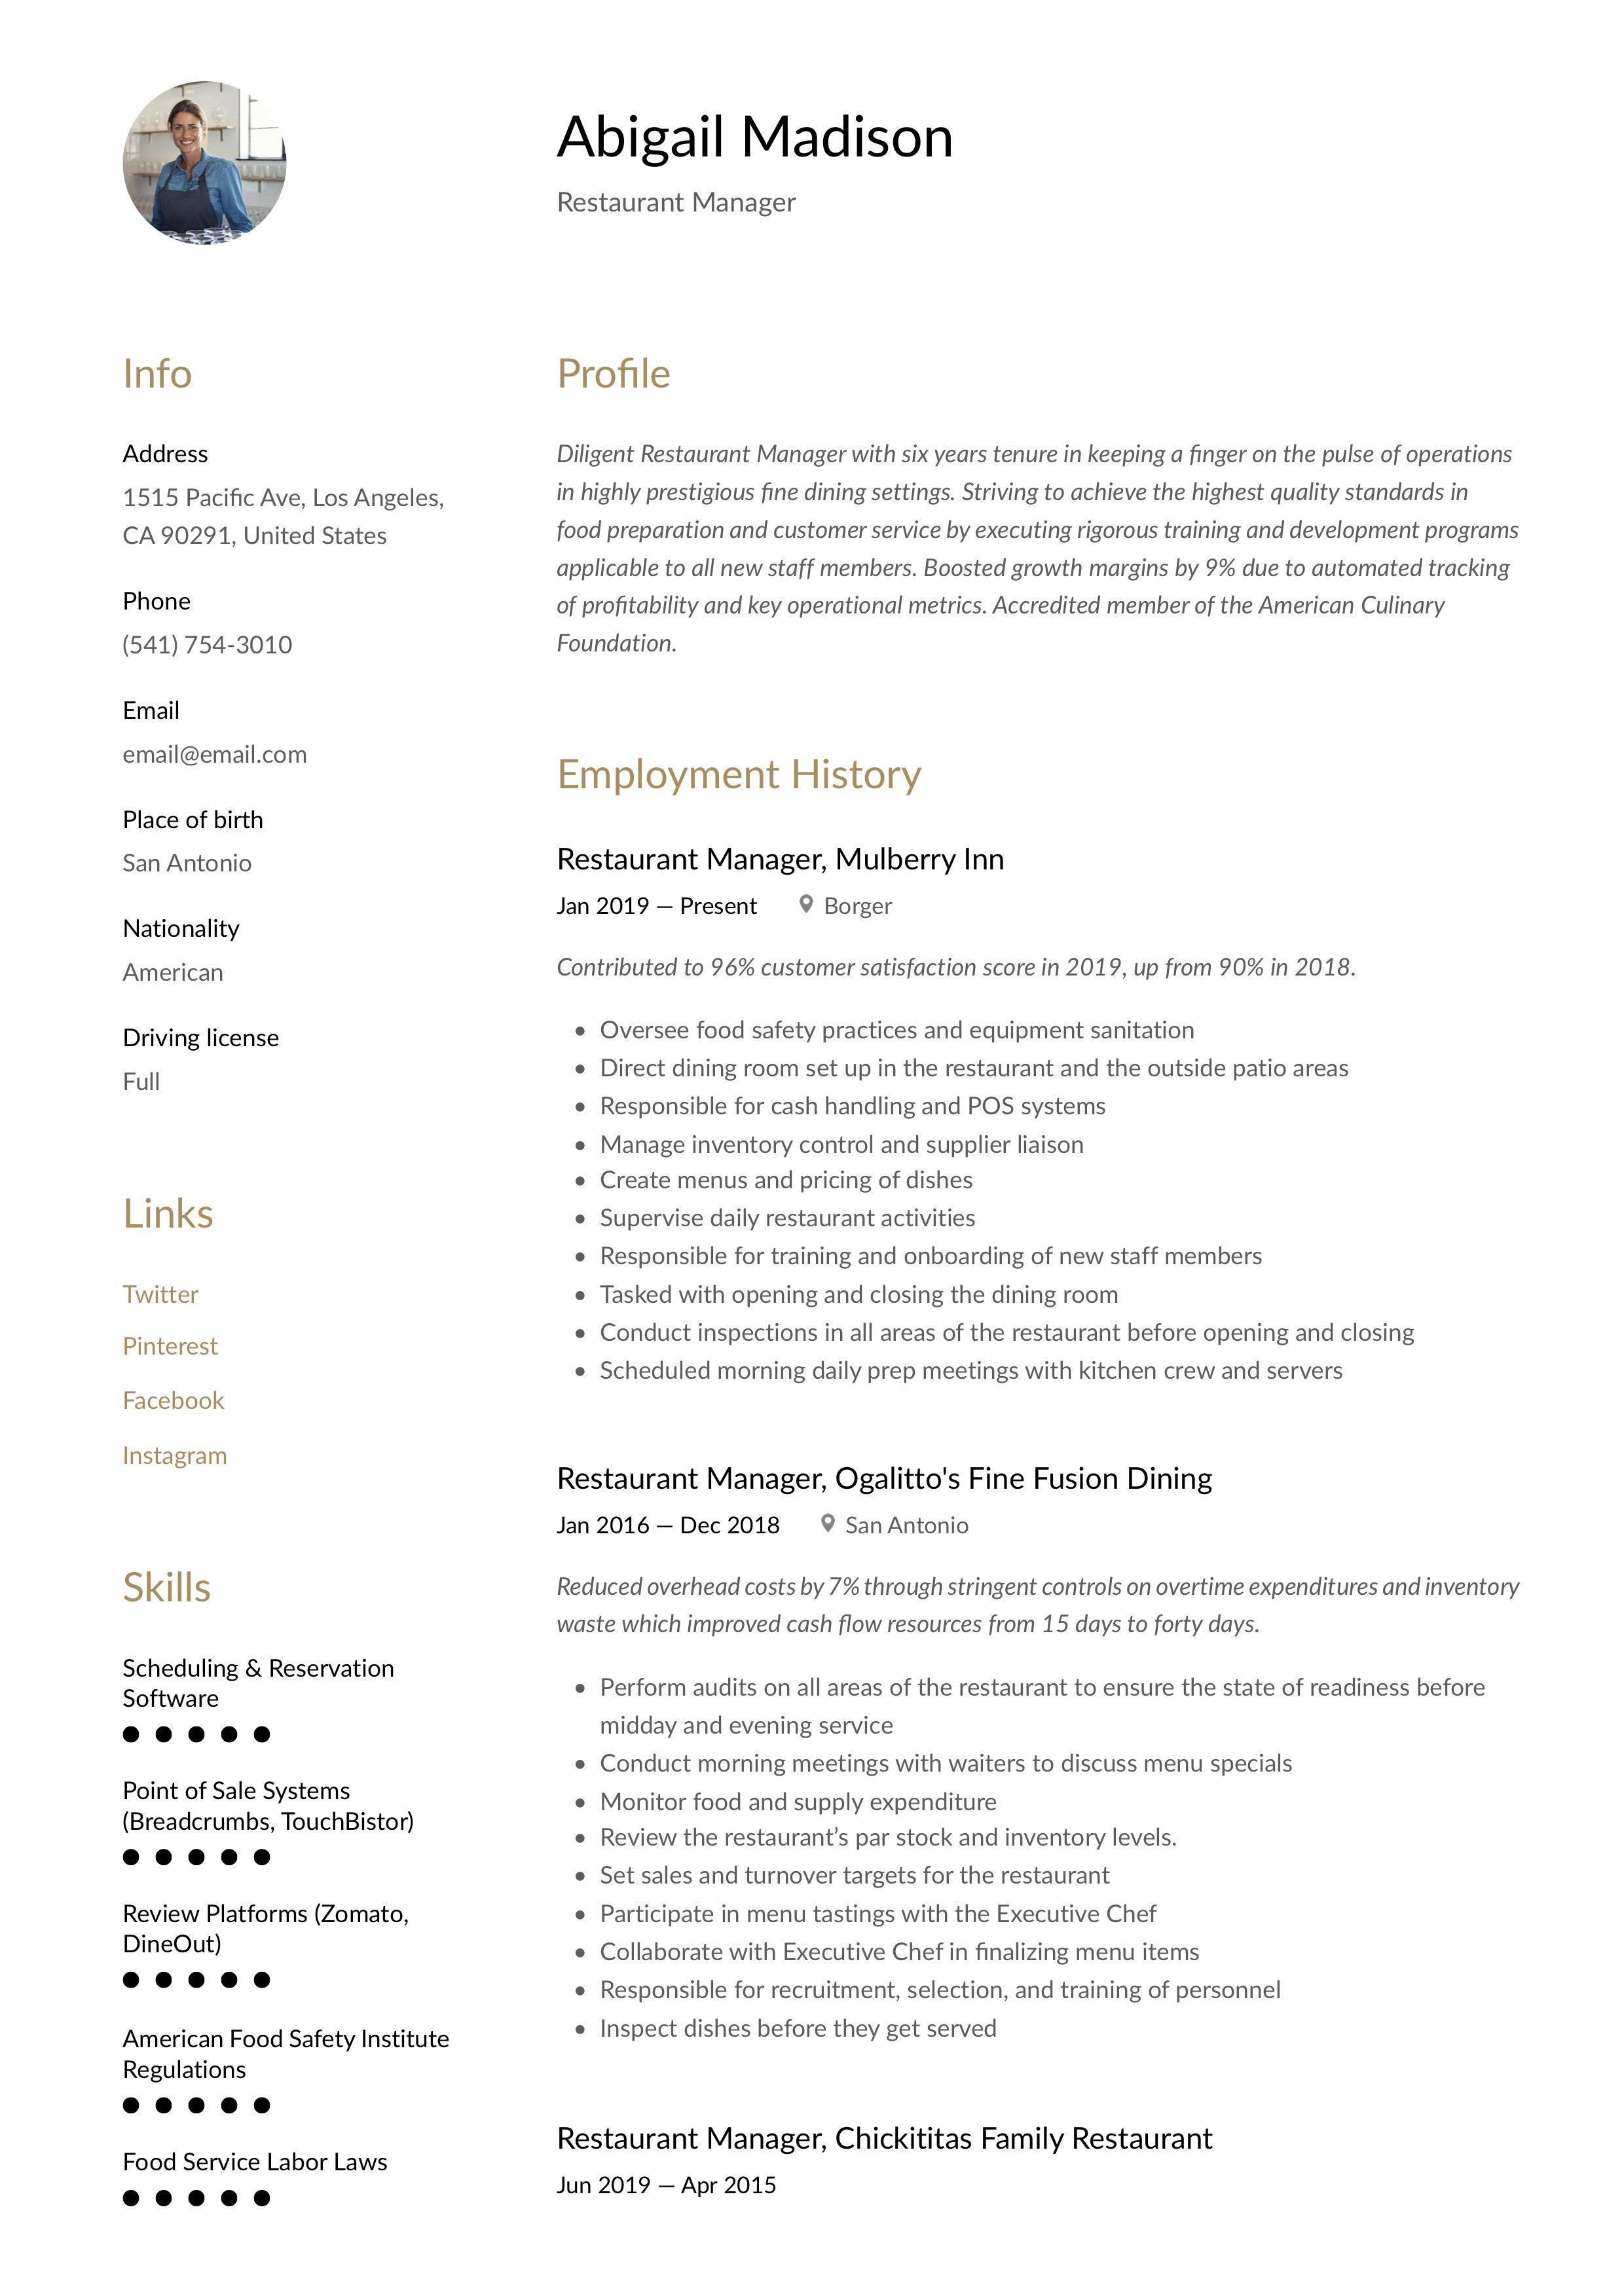 restaurant manager resume template in 2020  restaurant